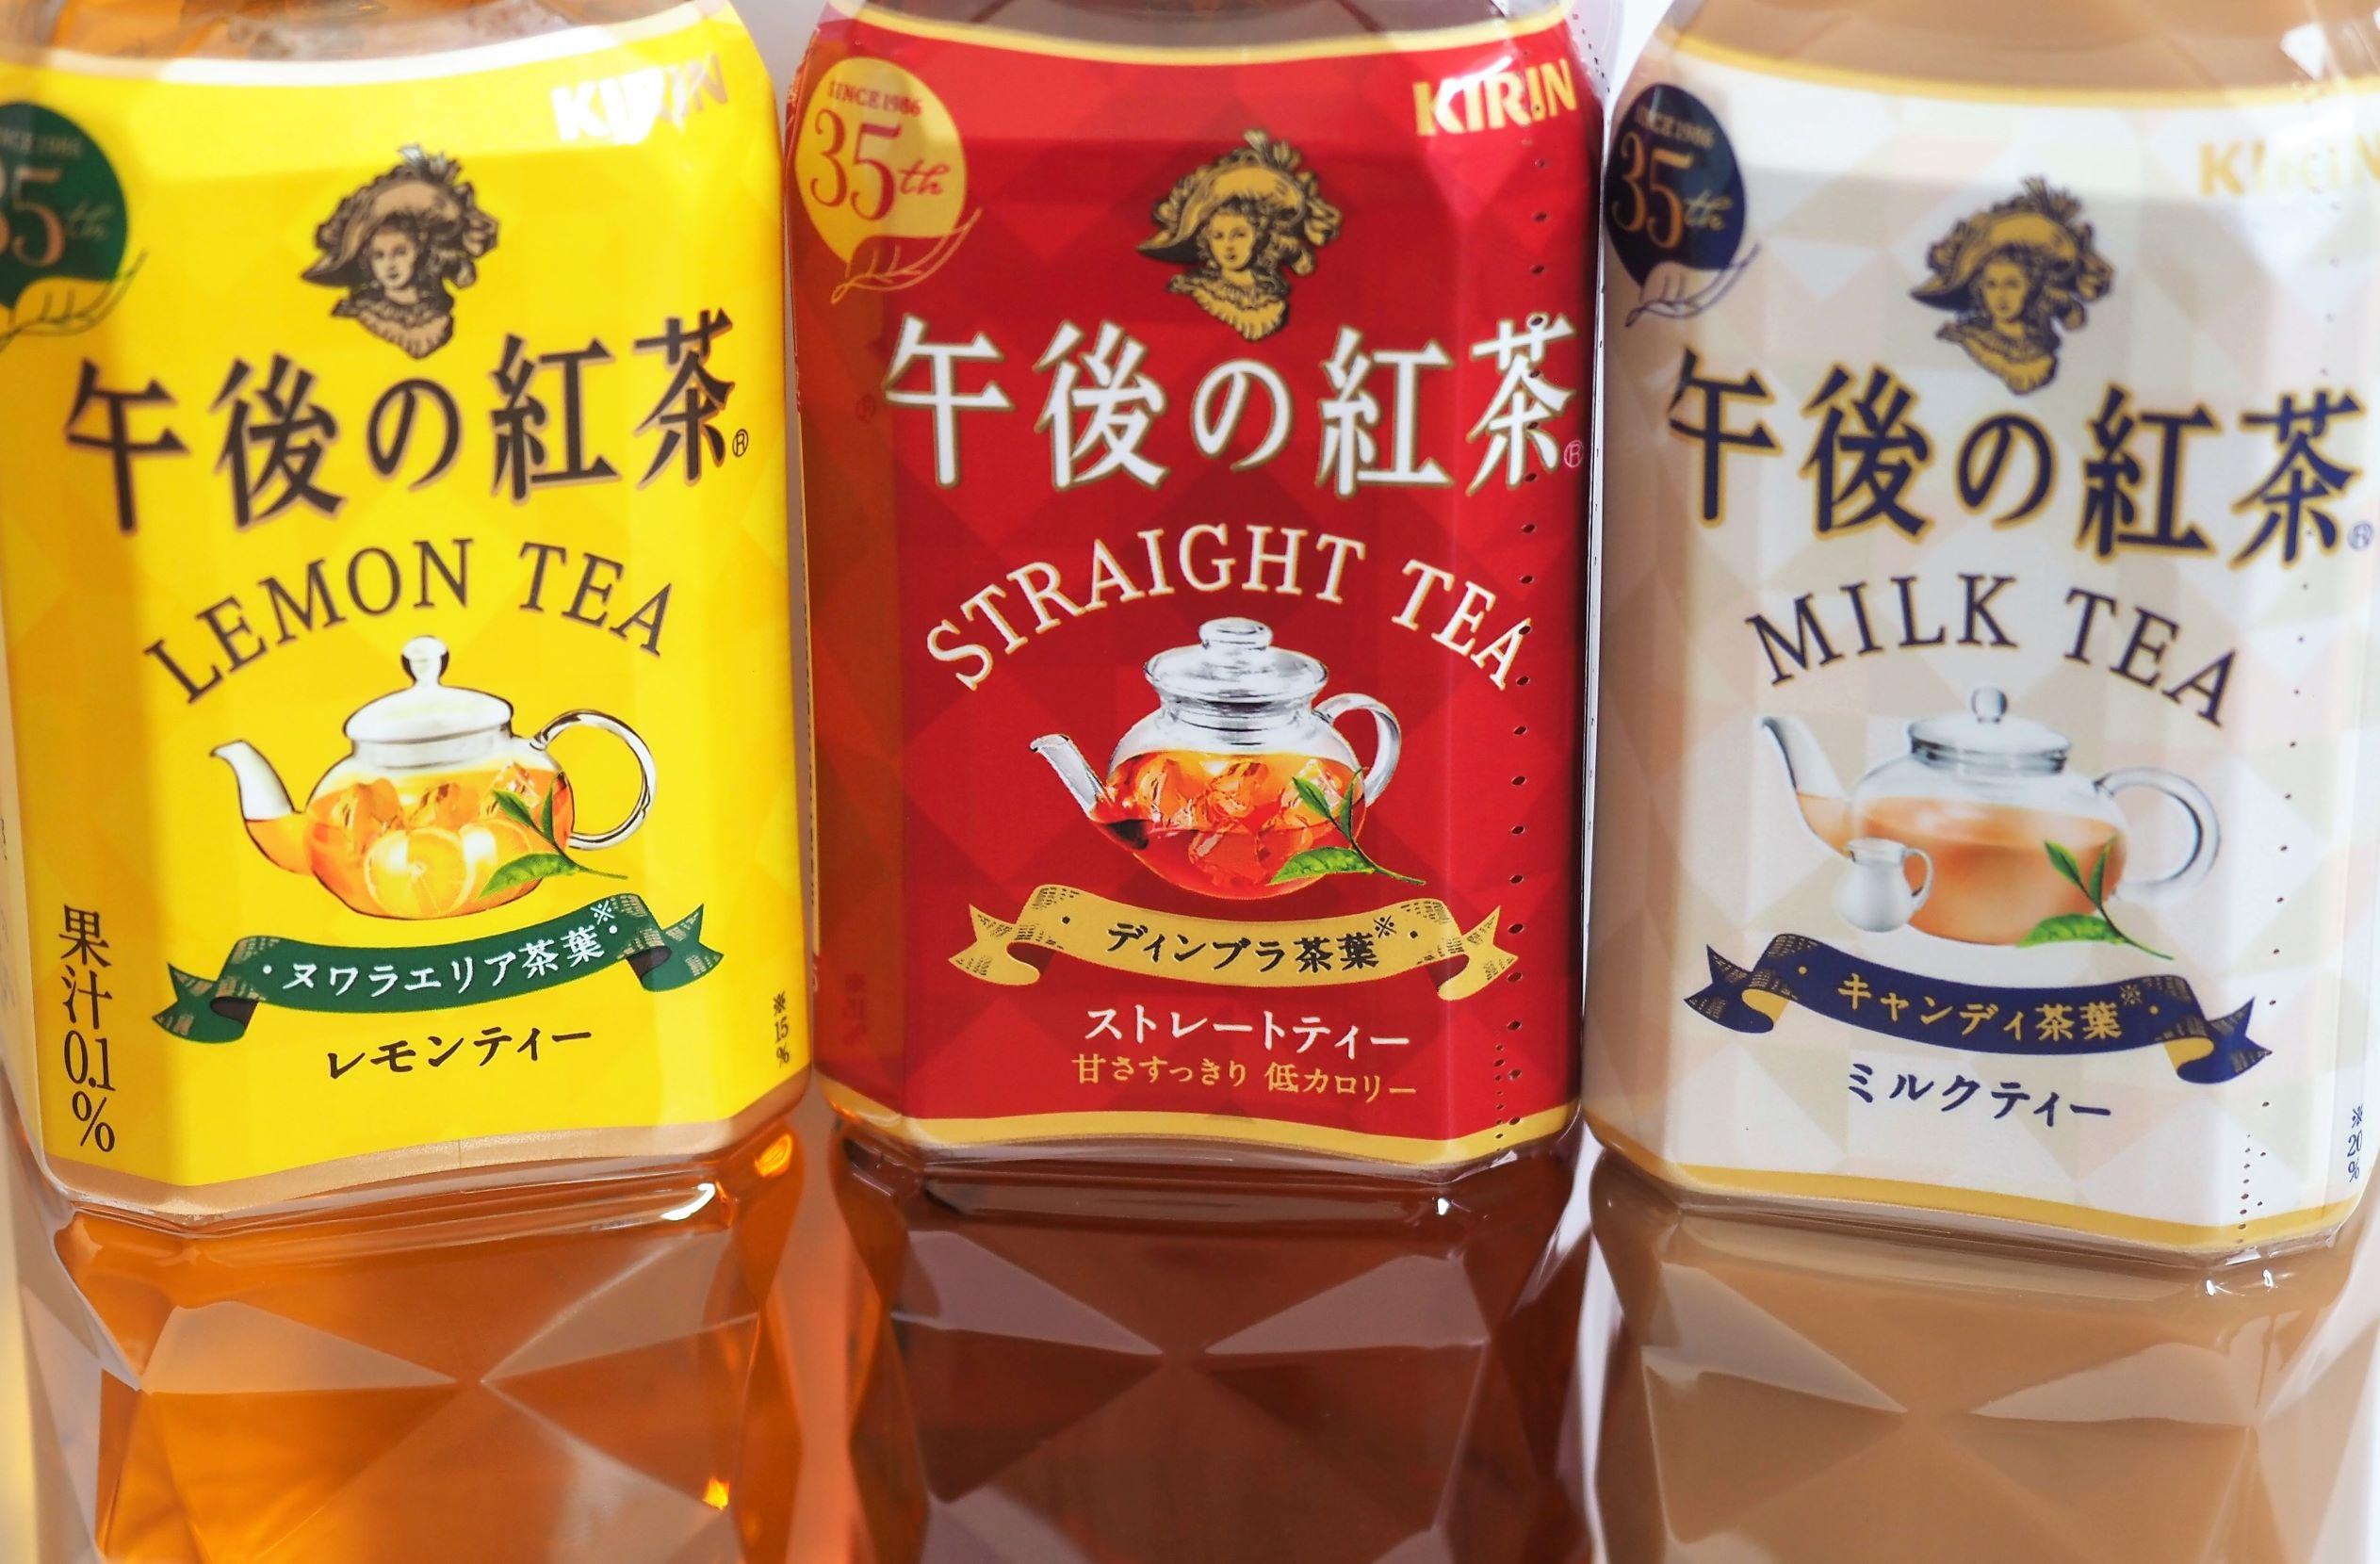 『午後の紅茶』のパッケージには、ストレートティーに「ディンブラ(20%使用)」、ミルクティーに「キャンディ(20%使用)」、レモンティーに「ヌワラエリア(15%使用)」などと使用茶葉(=地域名)が明記されている。スリランカには5大産地とも7大産地とも称される、それぞれに魅力の違う茶葉を産出する紅茶産地がある。そのバラエティーの豊富さは、世界中の紅茶の特色はスリランカ一国で用意できるといわれるほどだそうだ。